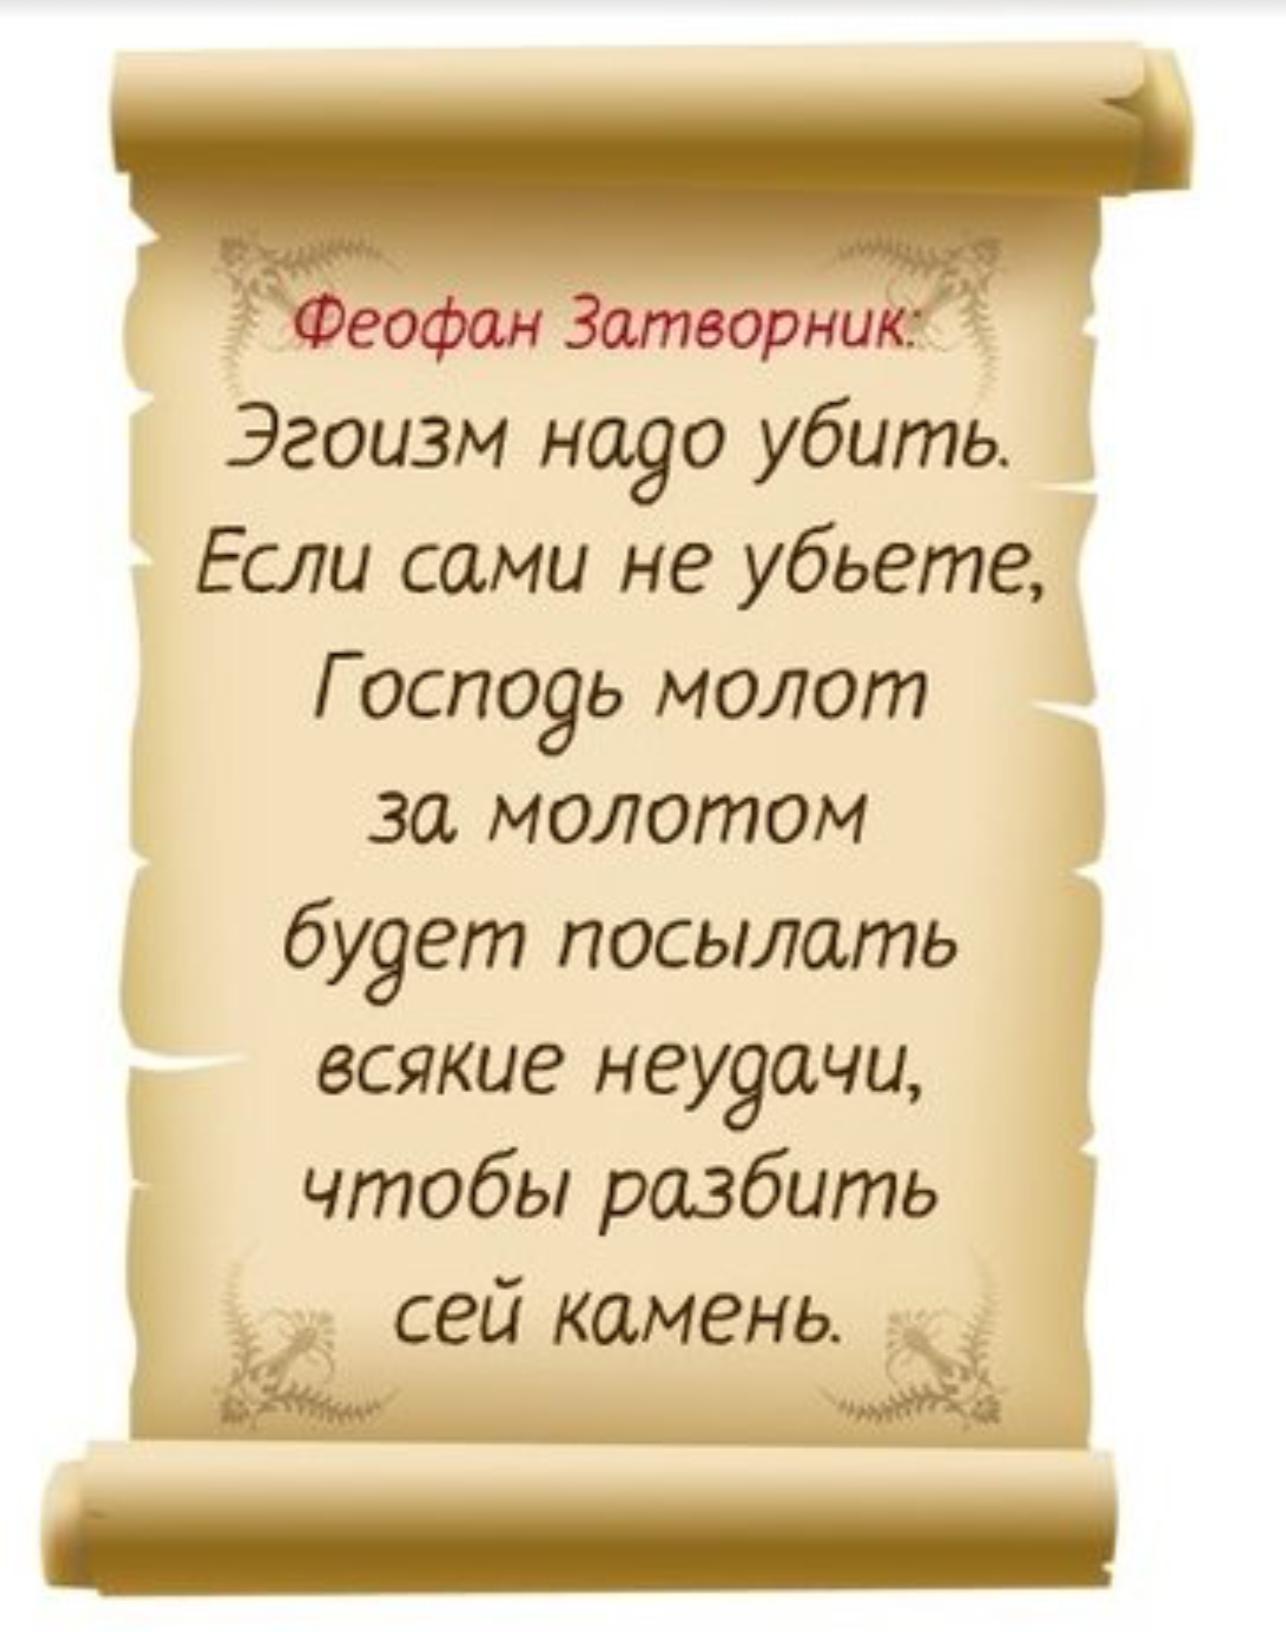 Мужчина и женщина отношения в православной традиции